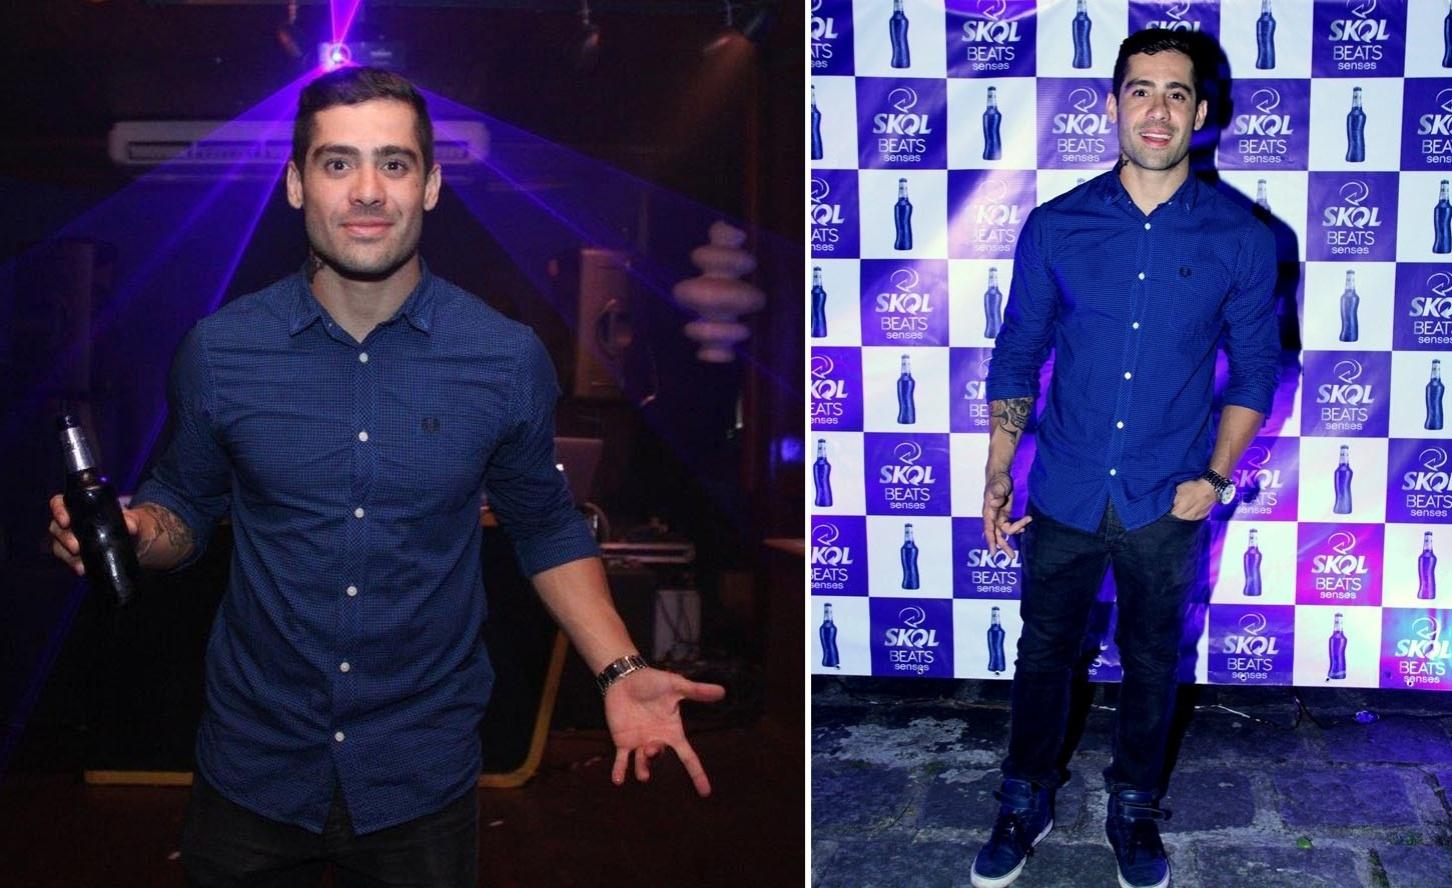 9.out.2014 - Yuri Fernandes marca presença na festa de lançamento da nova